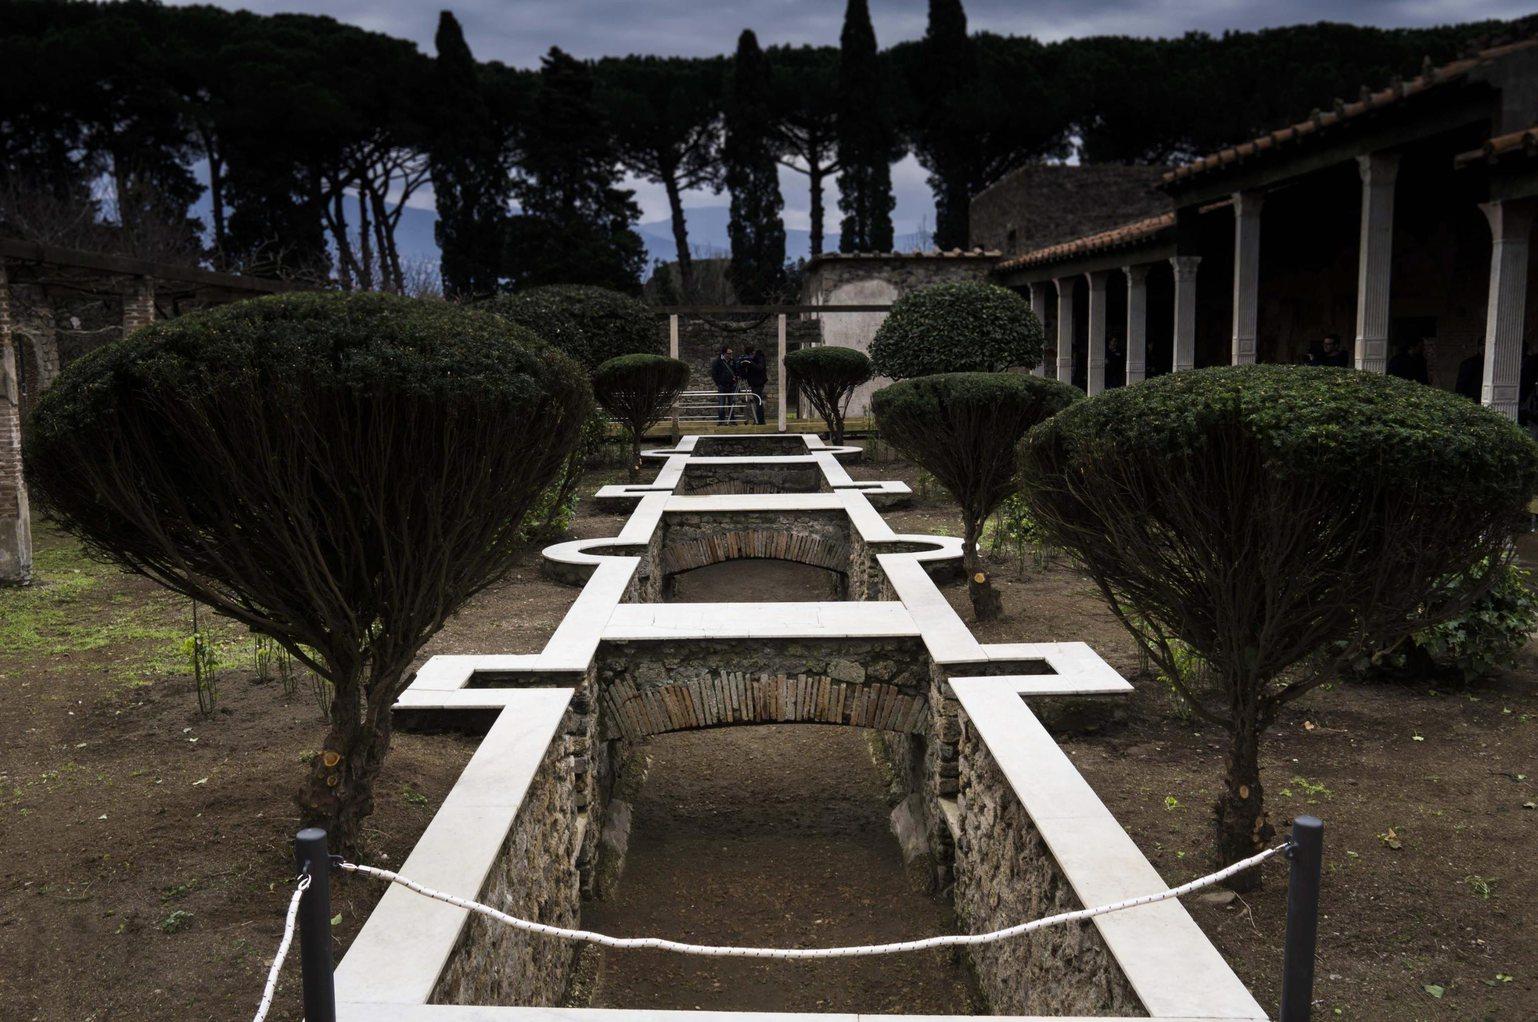 Kert és ház részlete az ókori Pompeji régészeti parkjában a Misztérium és természet - Görögországtól Pompejiig című kiállítás részeként Olaszországban, 2016. március 15-én (Fotó: MTI/EPA/Cesare Abbate)